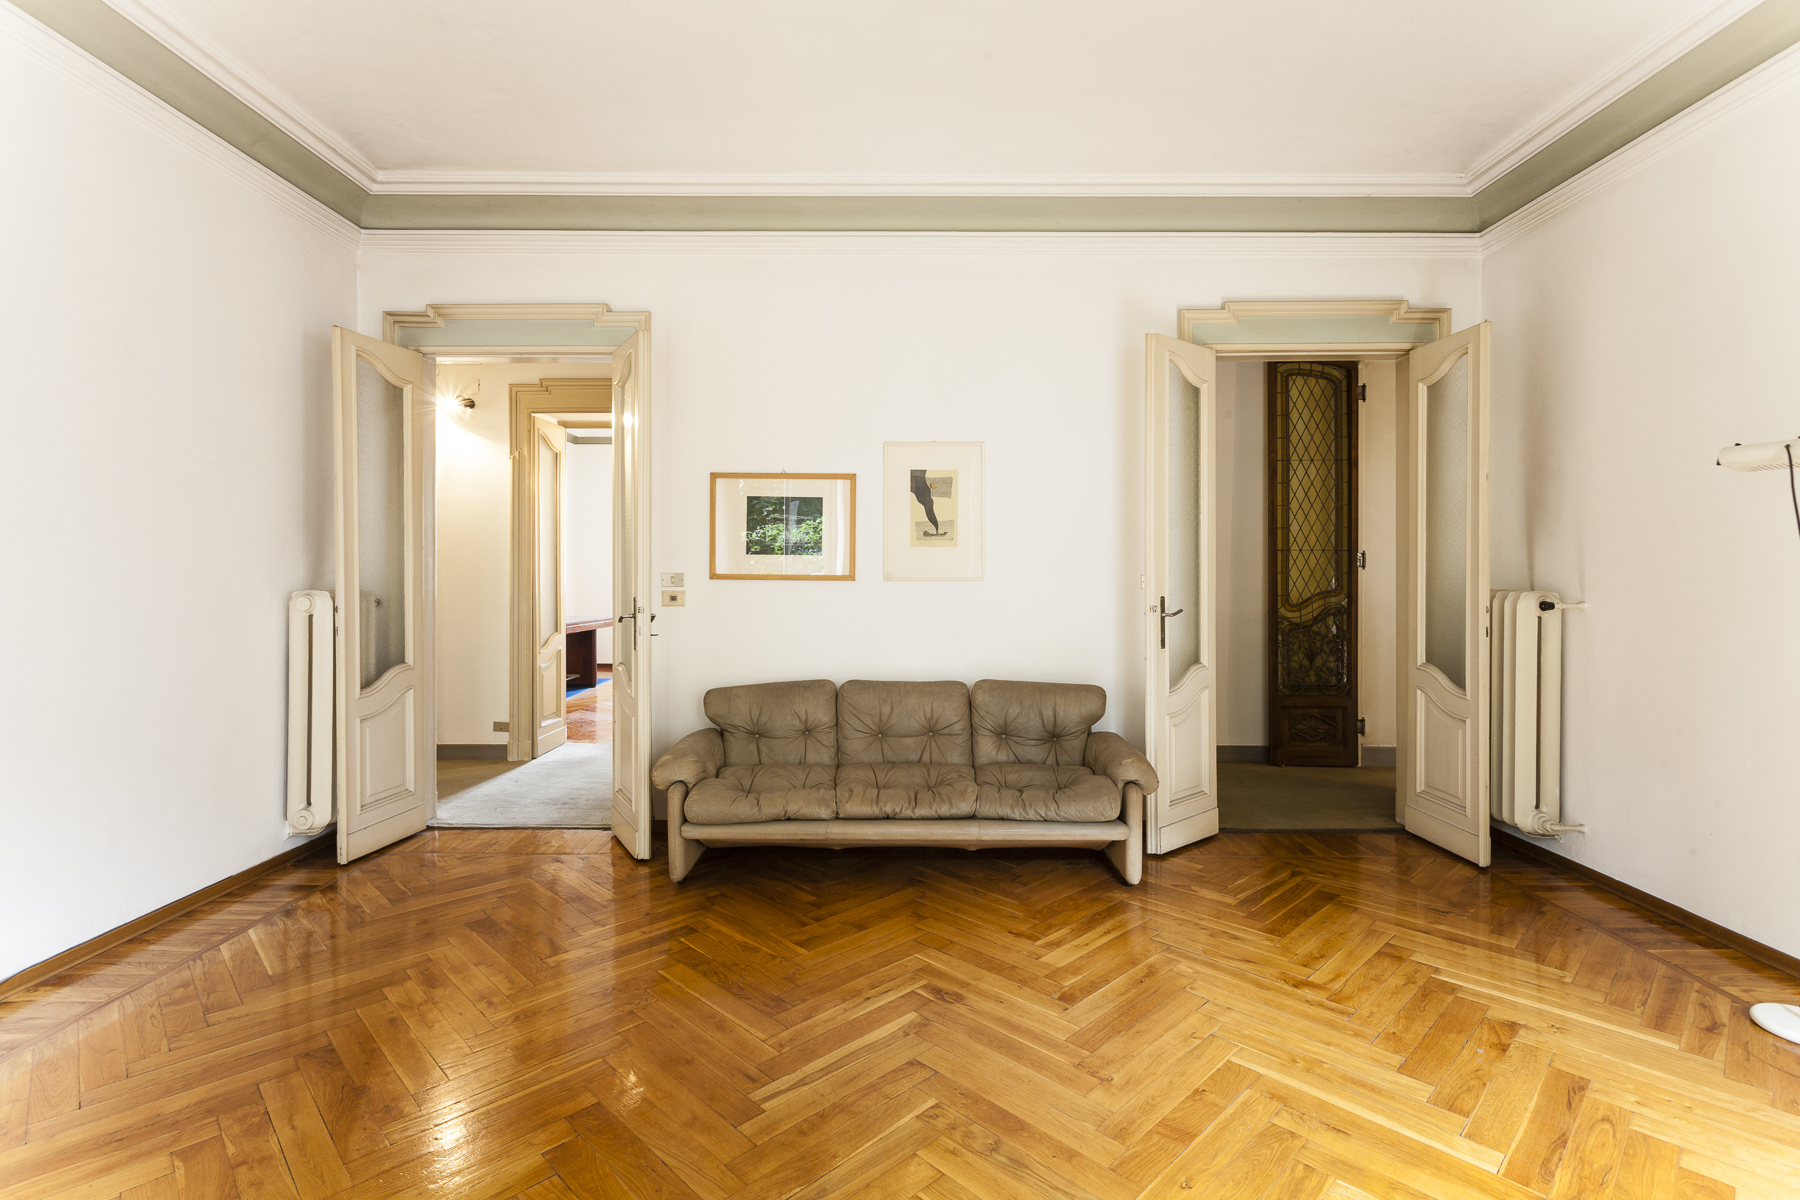 Appartamento in Vendita a Torino: 5 locali, 205 mq - Foto 2